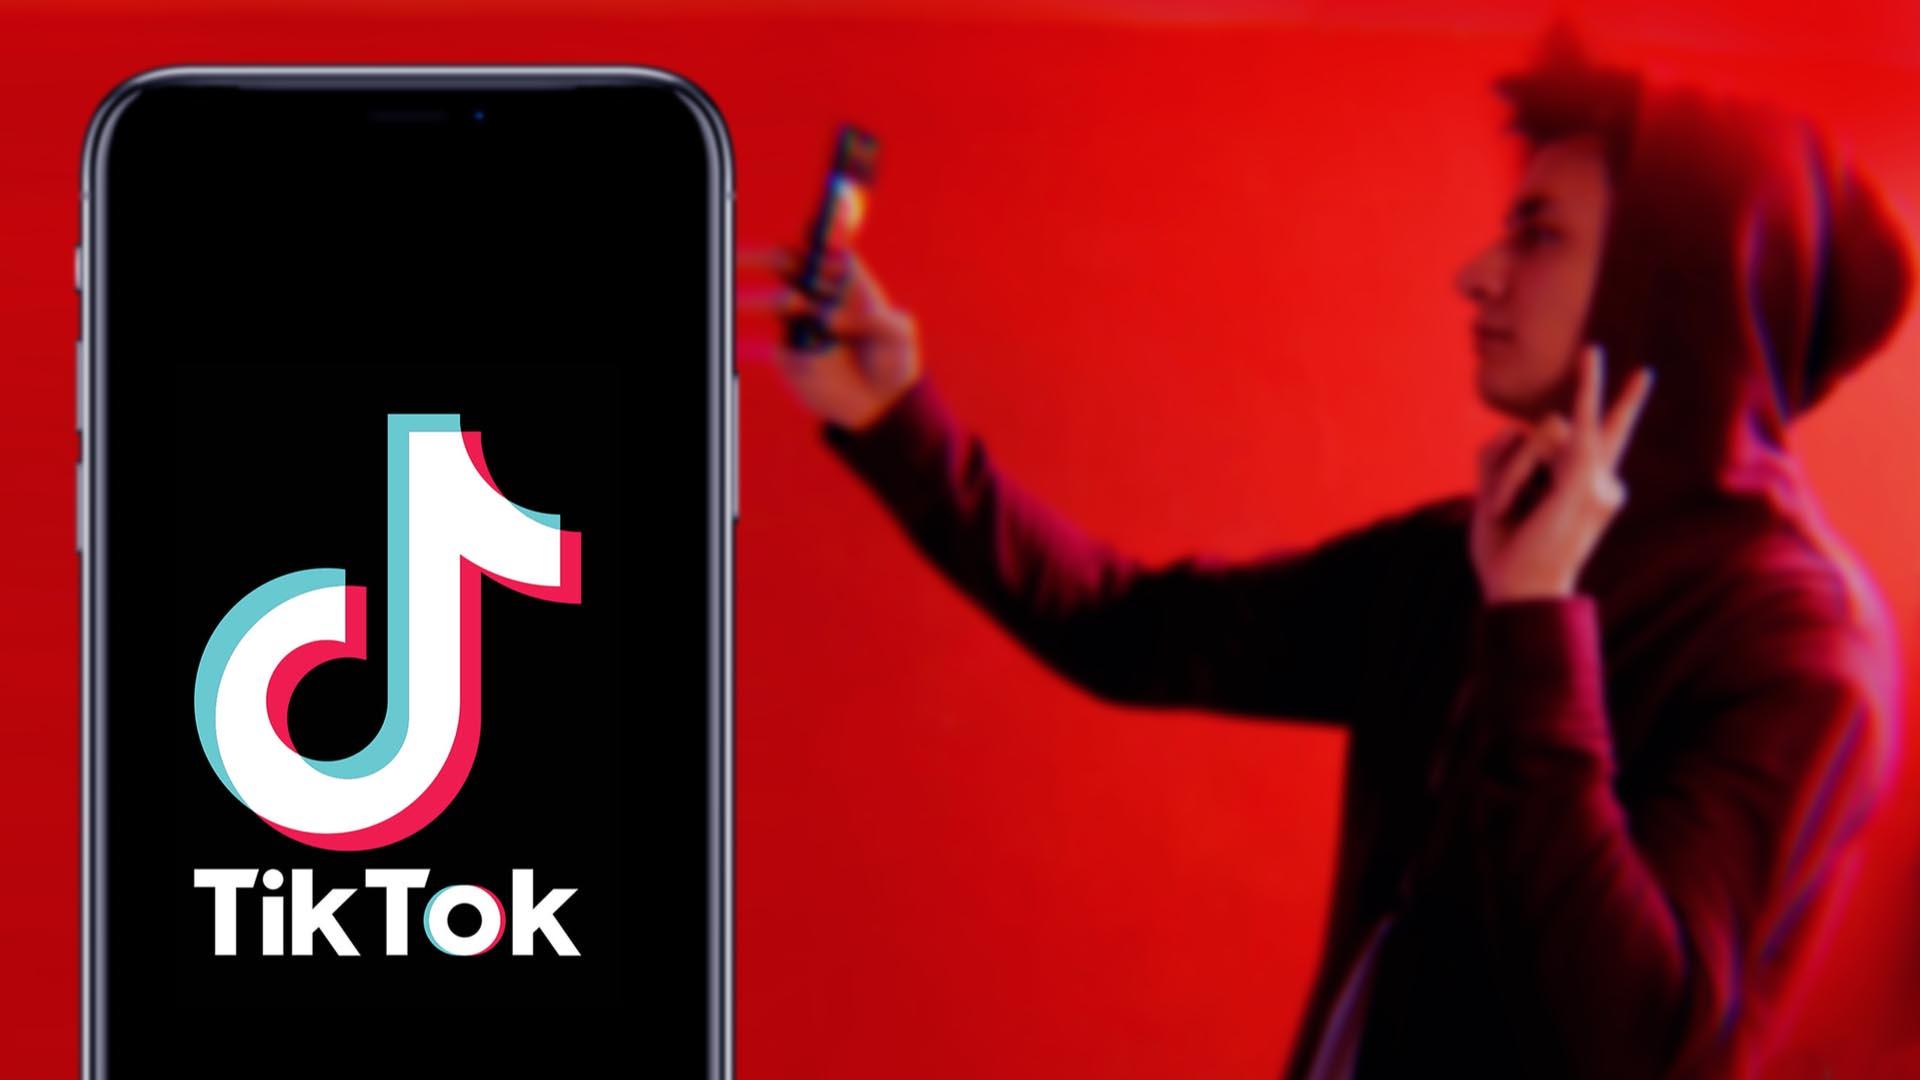 TikTok cancella 7 milioni di account degli utenti con meno di 13 anni